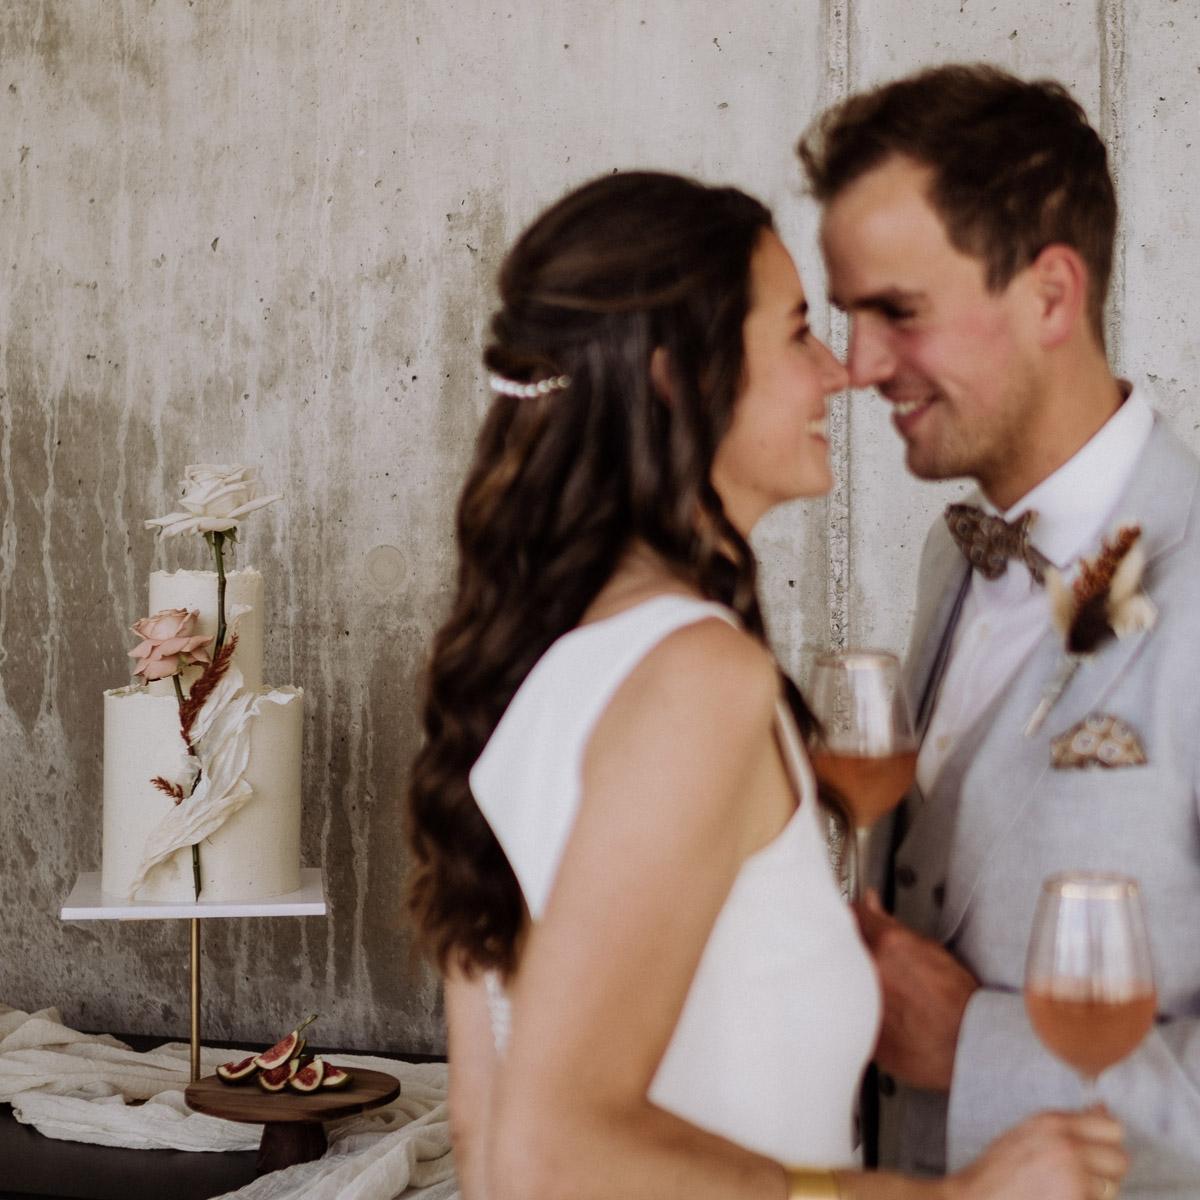 zweistöckige Hochzeitstorte in Weiß mit Rosen in Weiß und Altrosa passend zum skandinavischen Hochzeitskonzept der Elopement Hochzeit in Berlin - mehr Hochzeitsideen im Blog von Hochzeitsfotograf © www.hochzeitslicht.de #hochzeitslicht